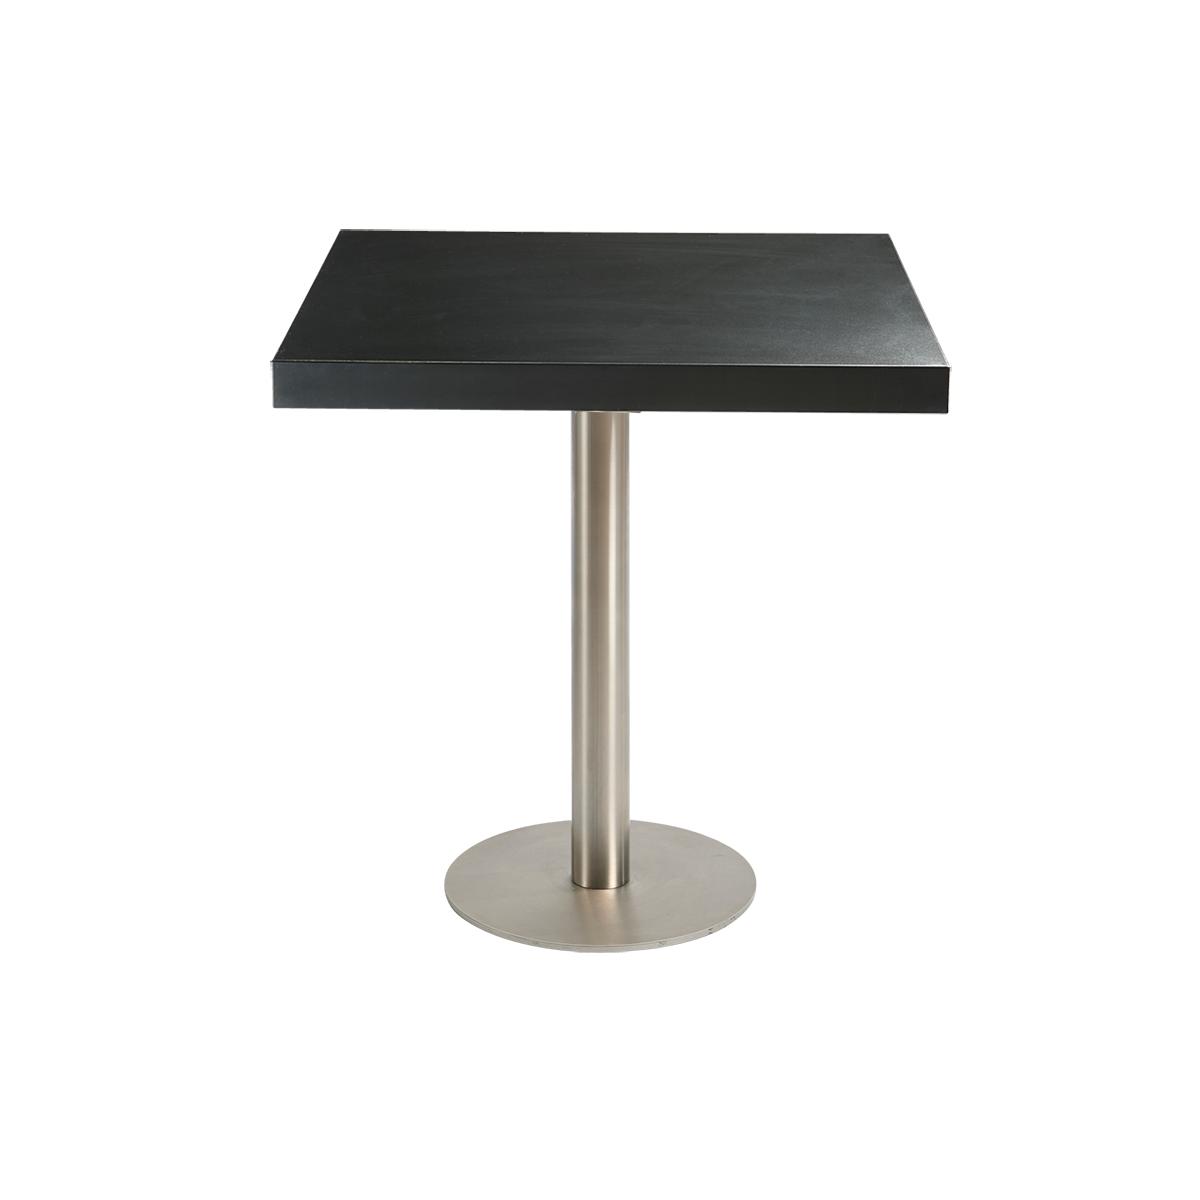 dieeventausstatter Sitztisch Modern Platte schwarz eckig